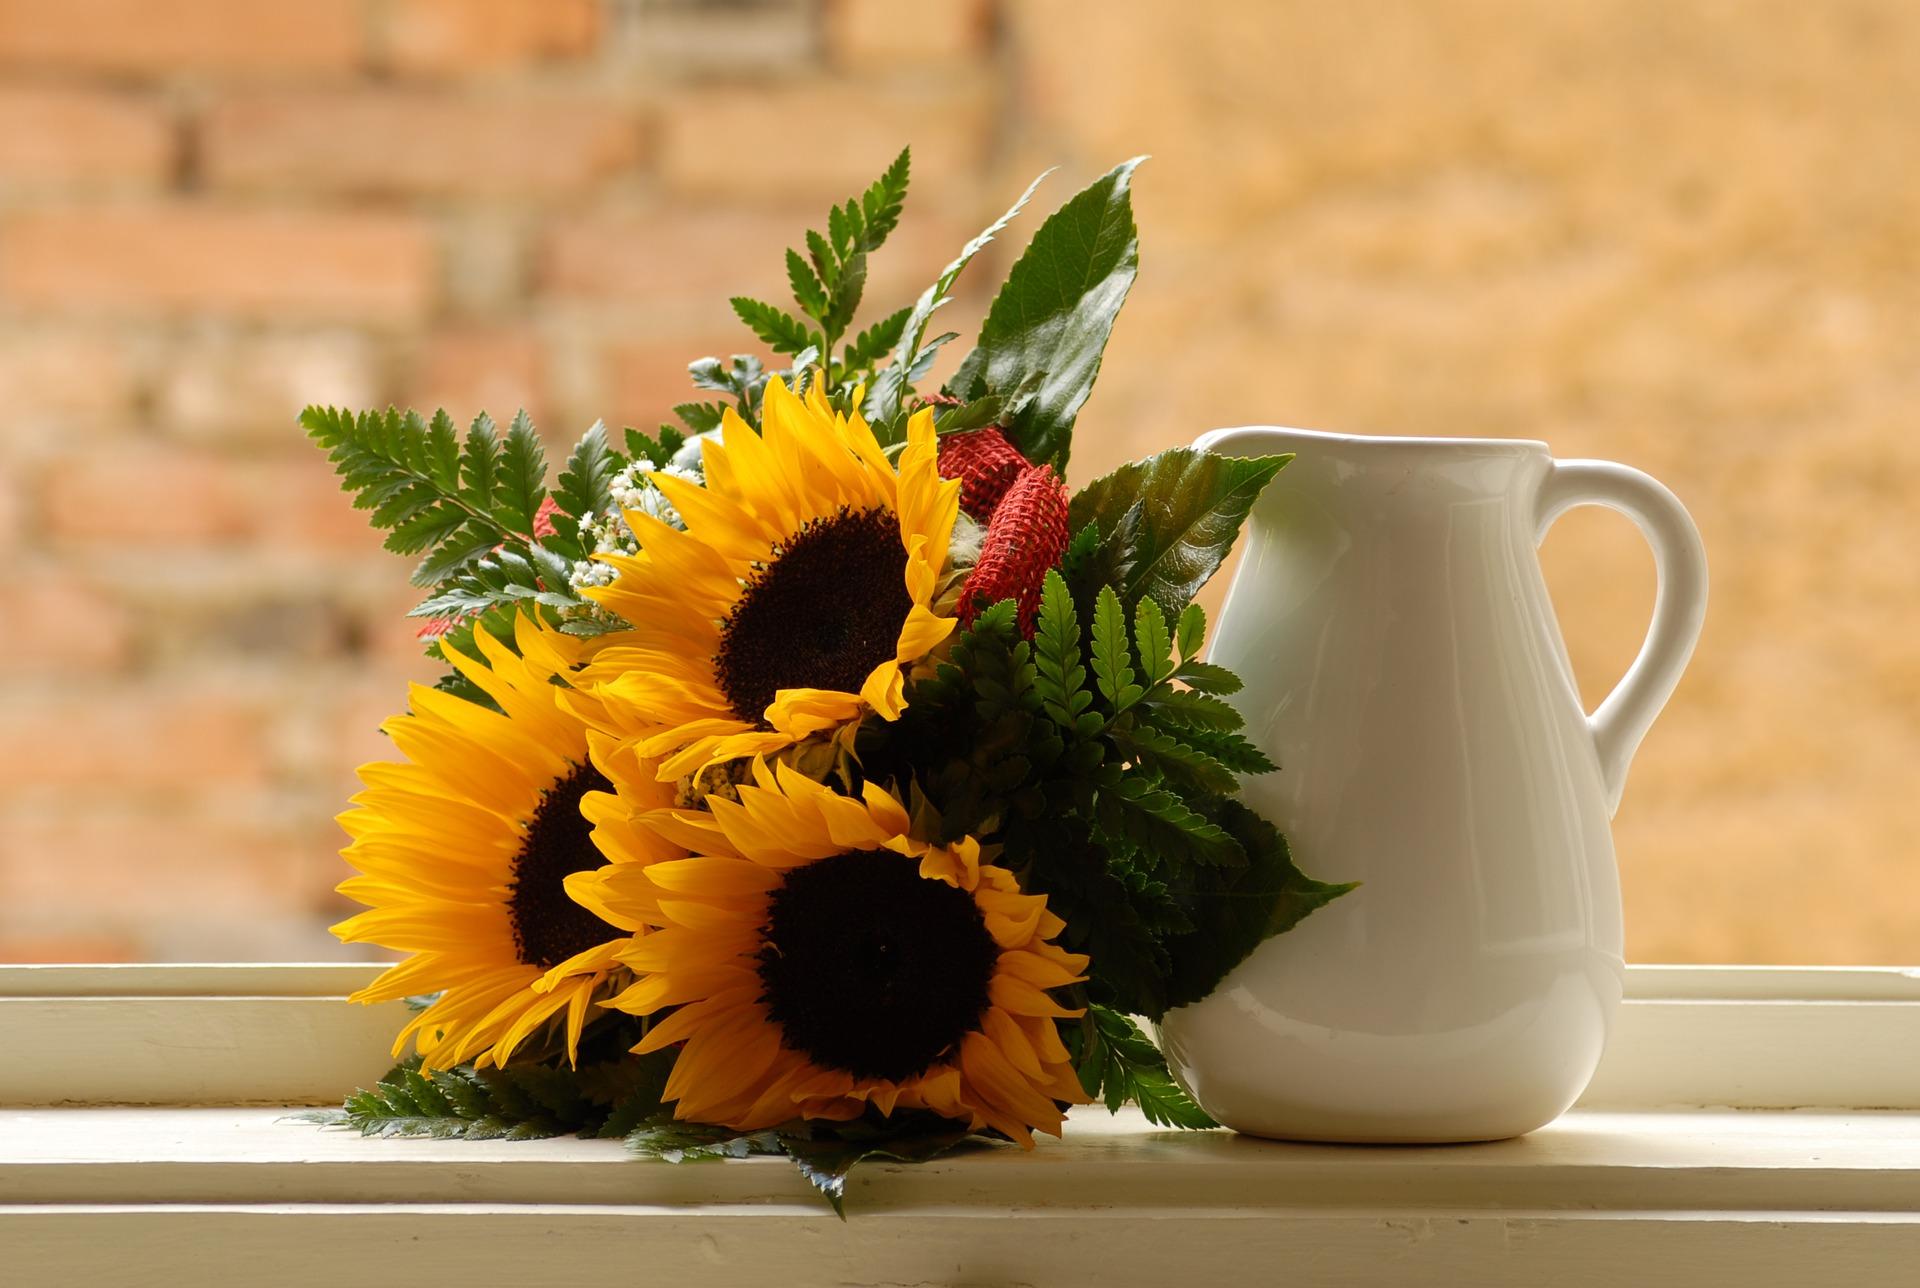 父の日に最適なメッセージ例~花に添えたい感謝の気持ち~